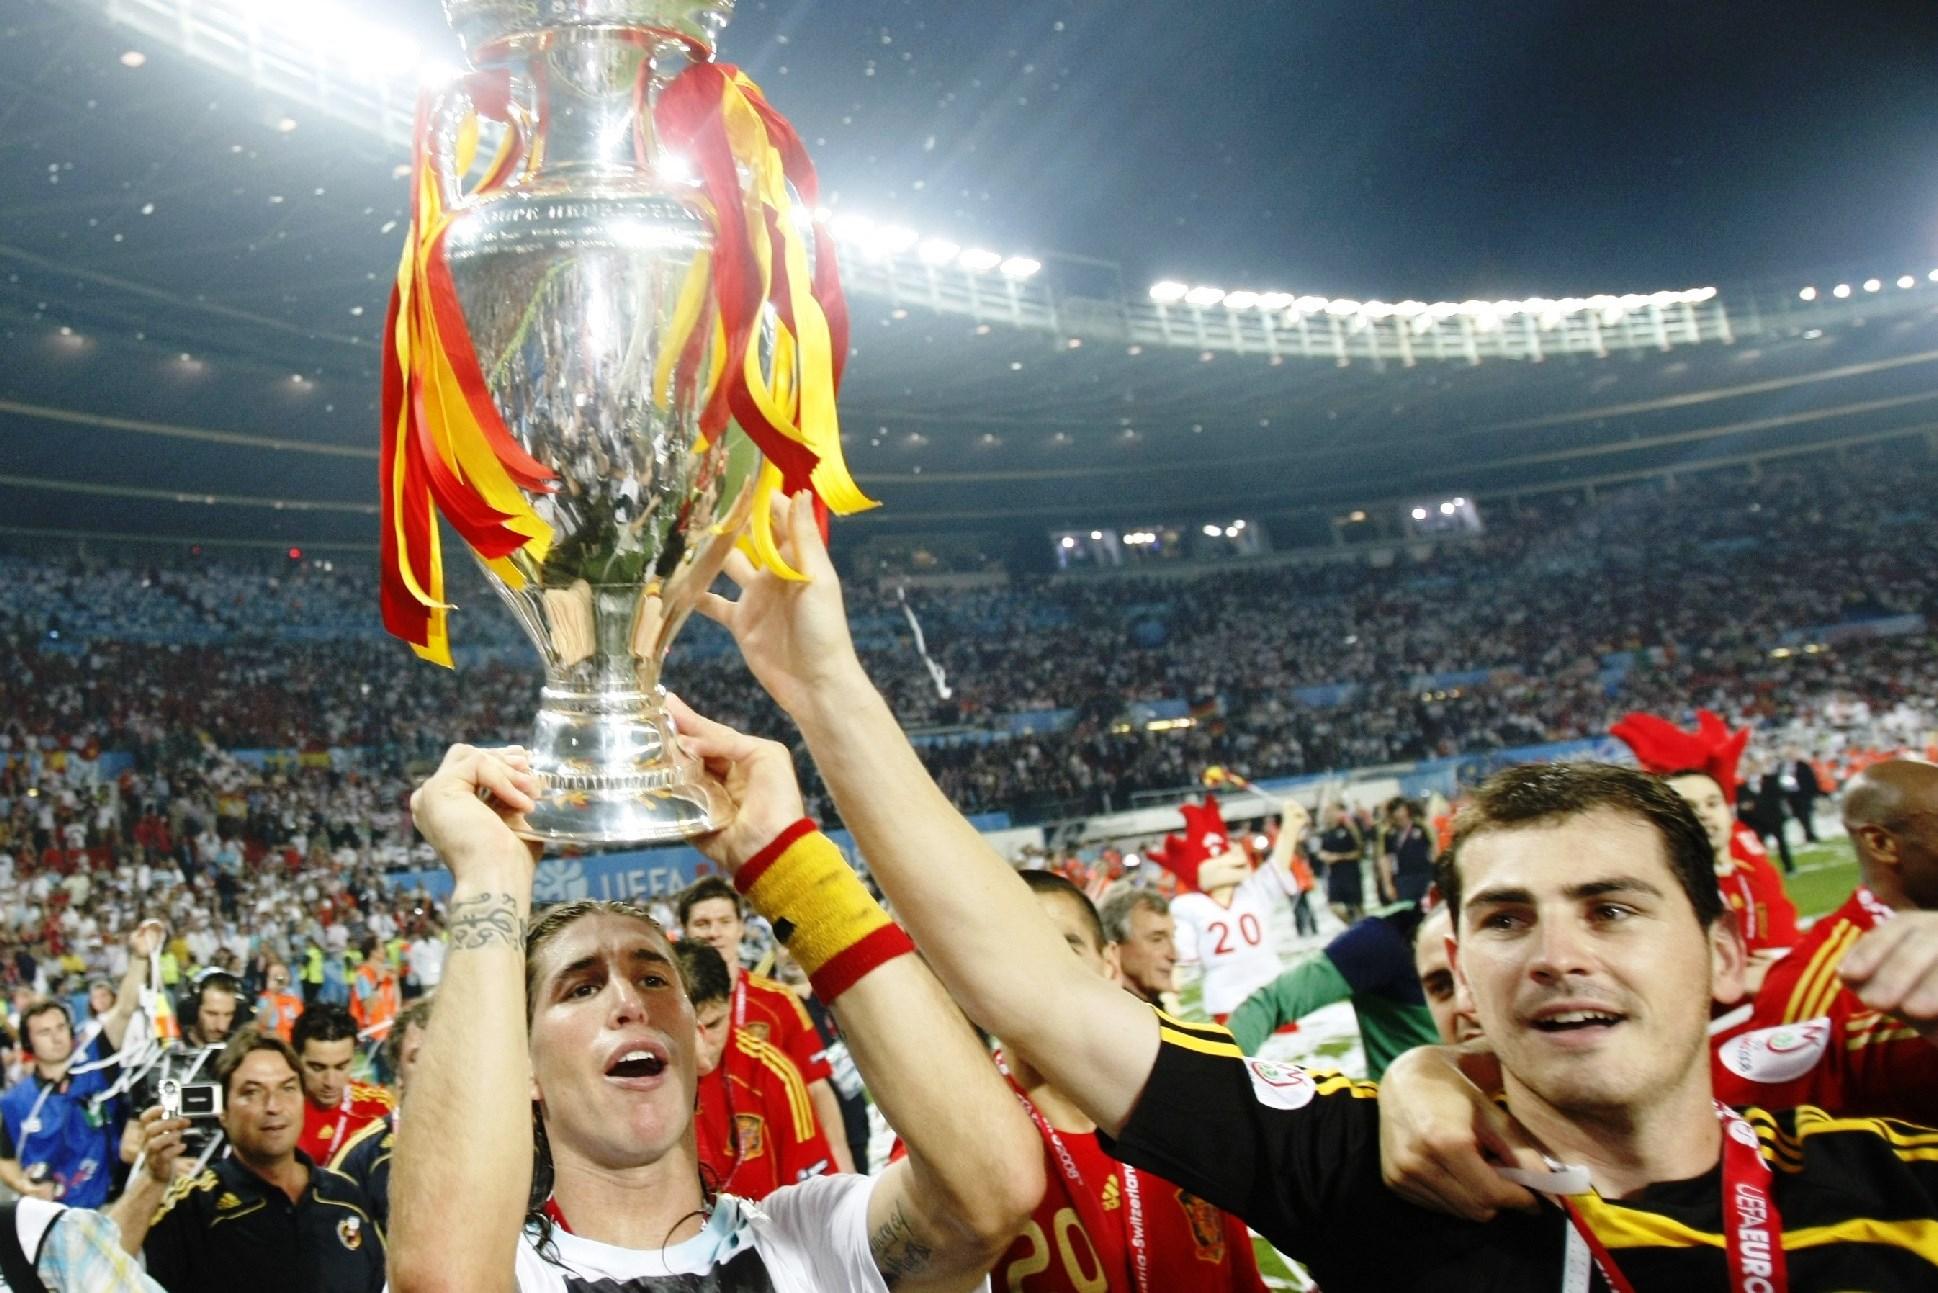 Испанский футбольный вратарь по прозвищу el divino